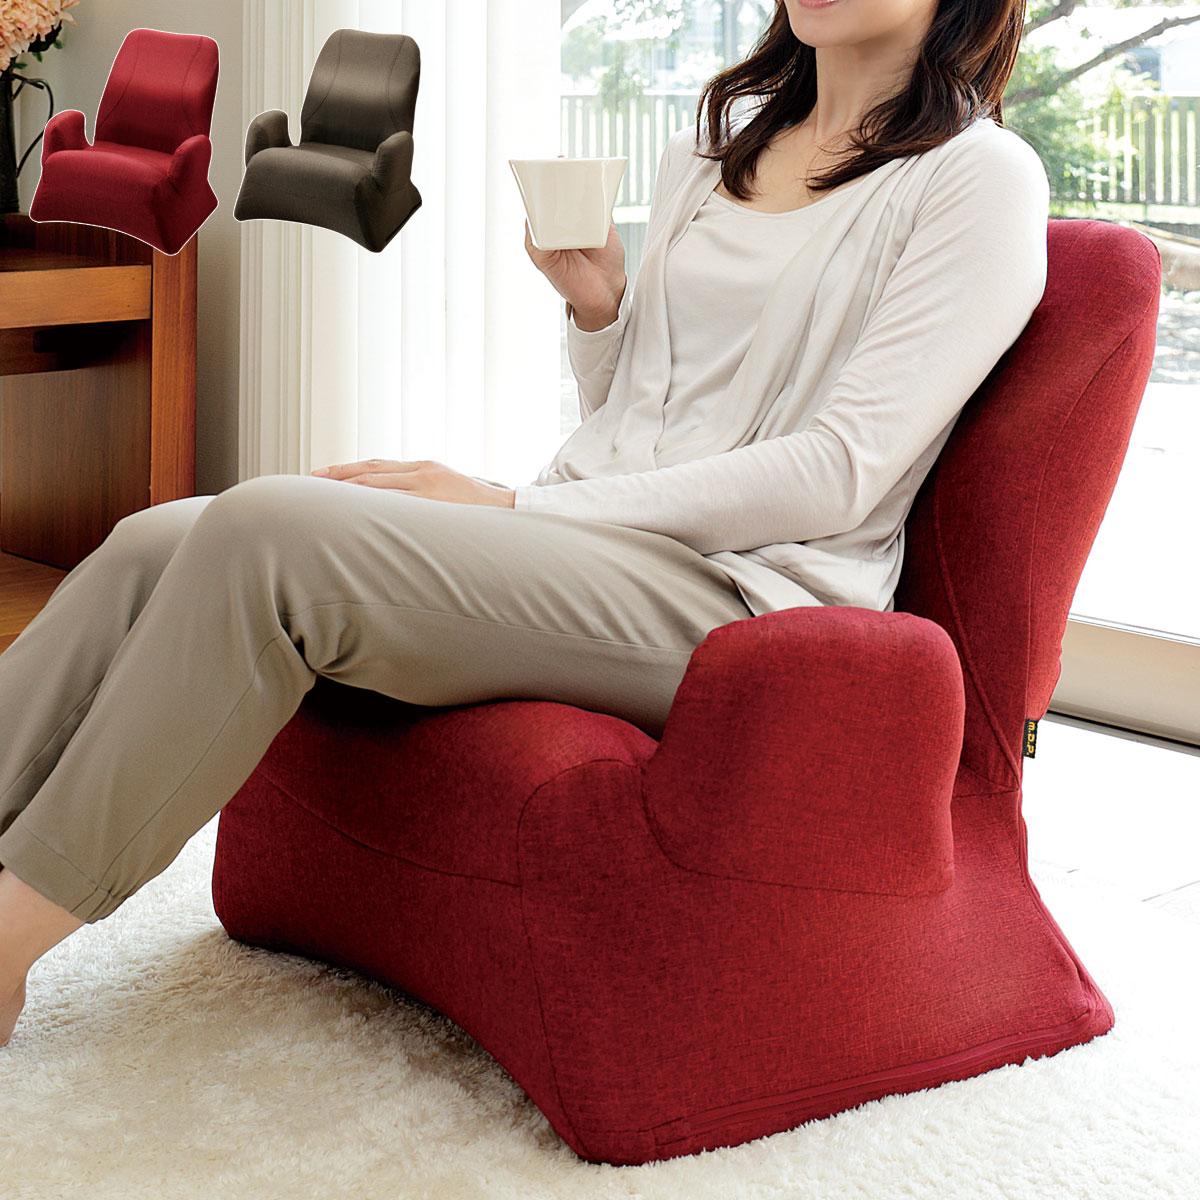 座椅子 コンパクト 肘掛け リクライニング 腰痛 折りたたみ 立ち上がり 姿勢 和室 勝野式 美姿勢習慣くつろぎプレミアム